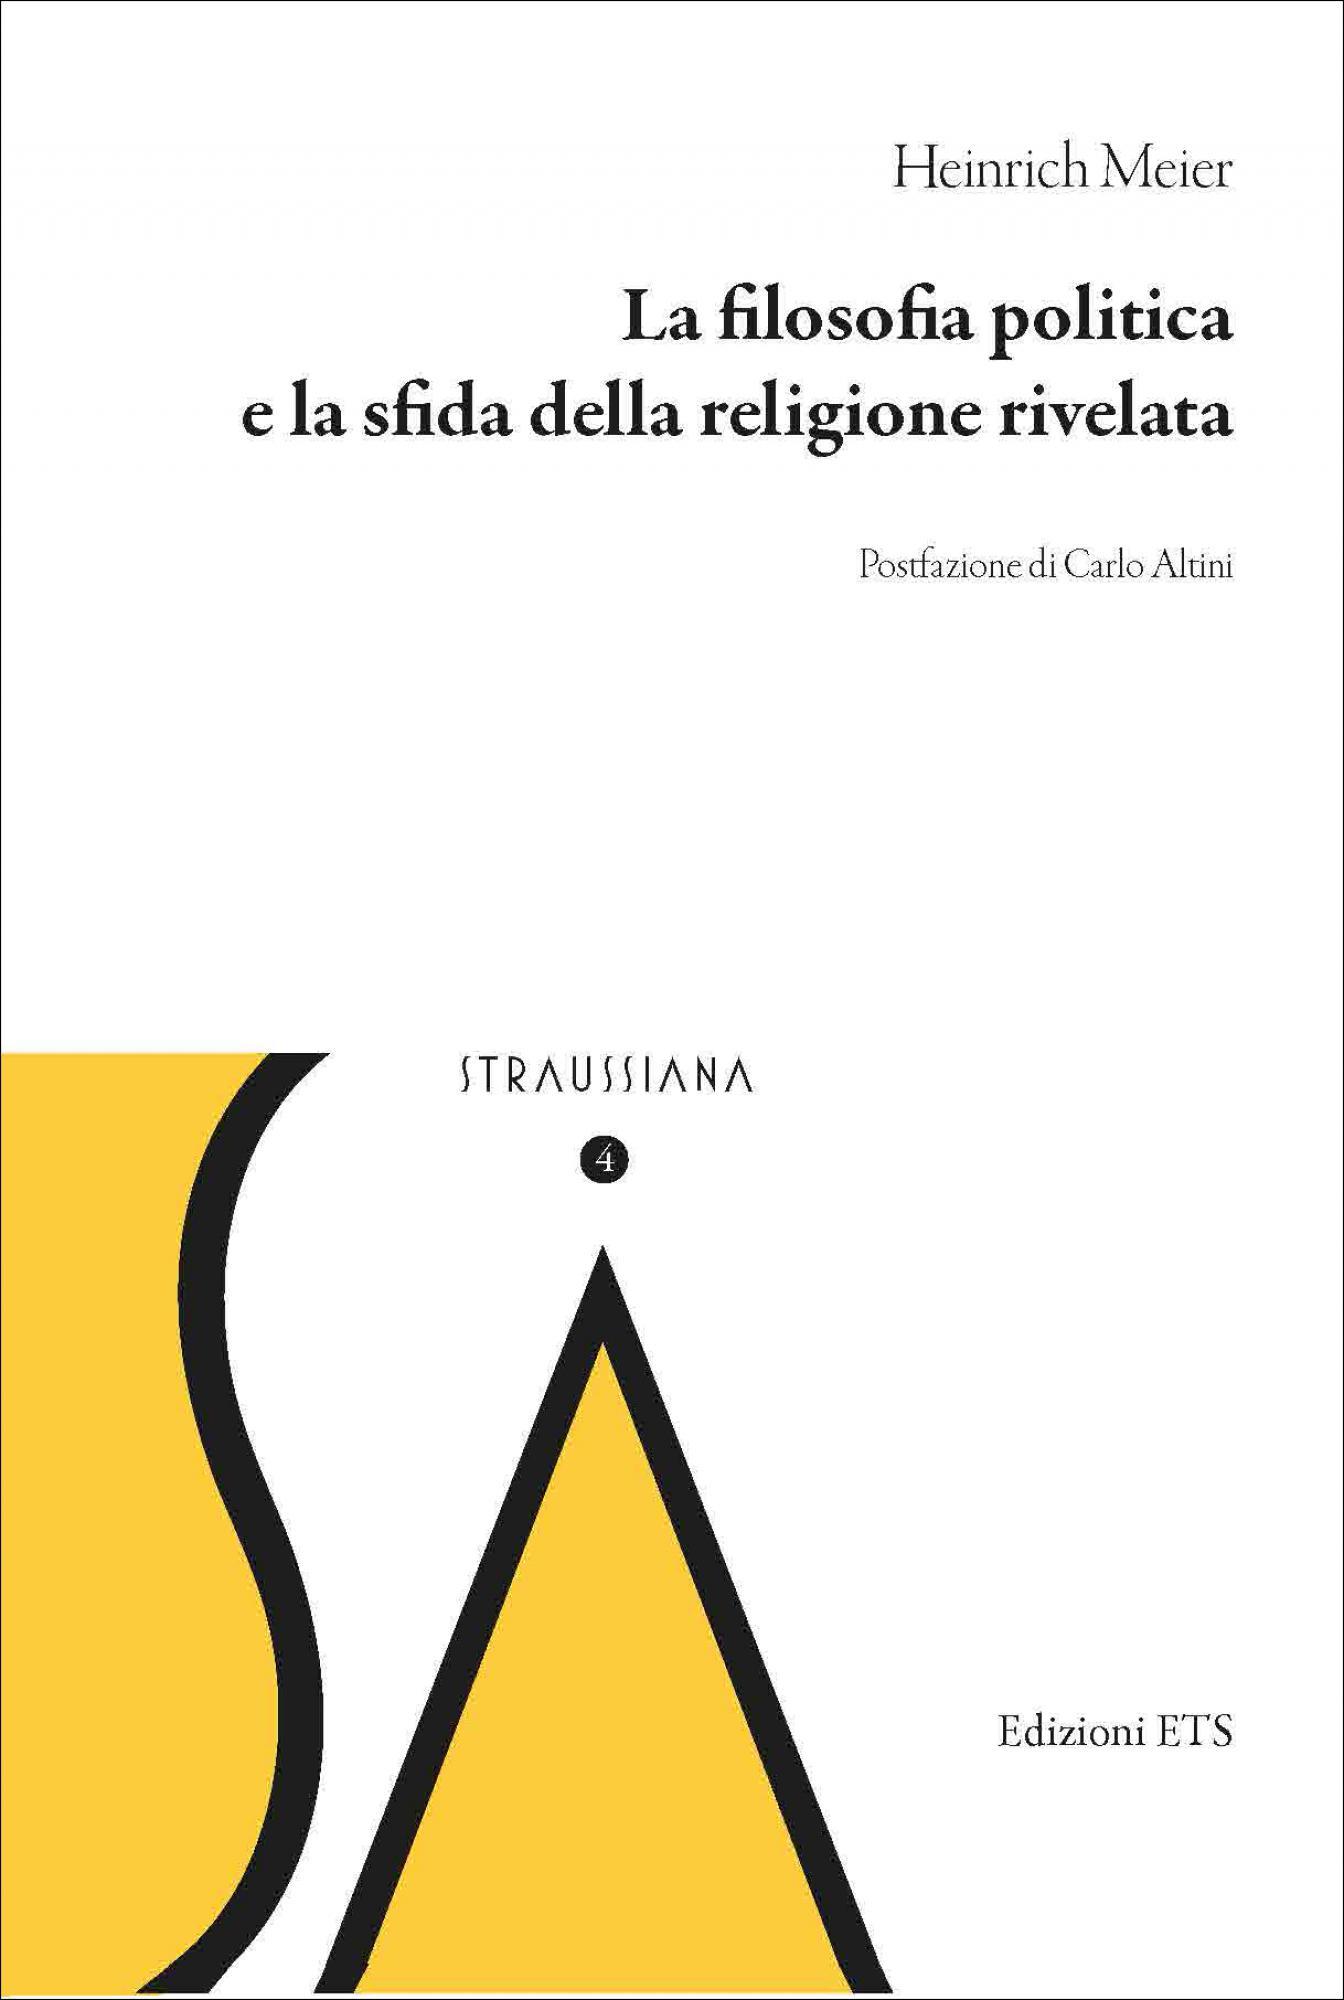 La filosofia politica e la sfida della religione rivelata